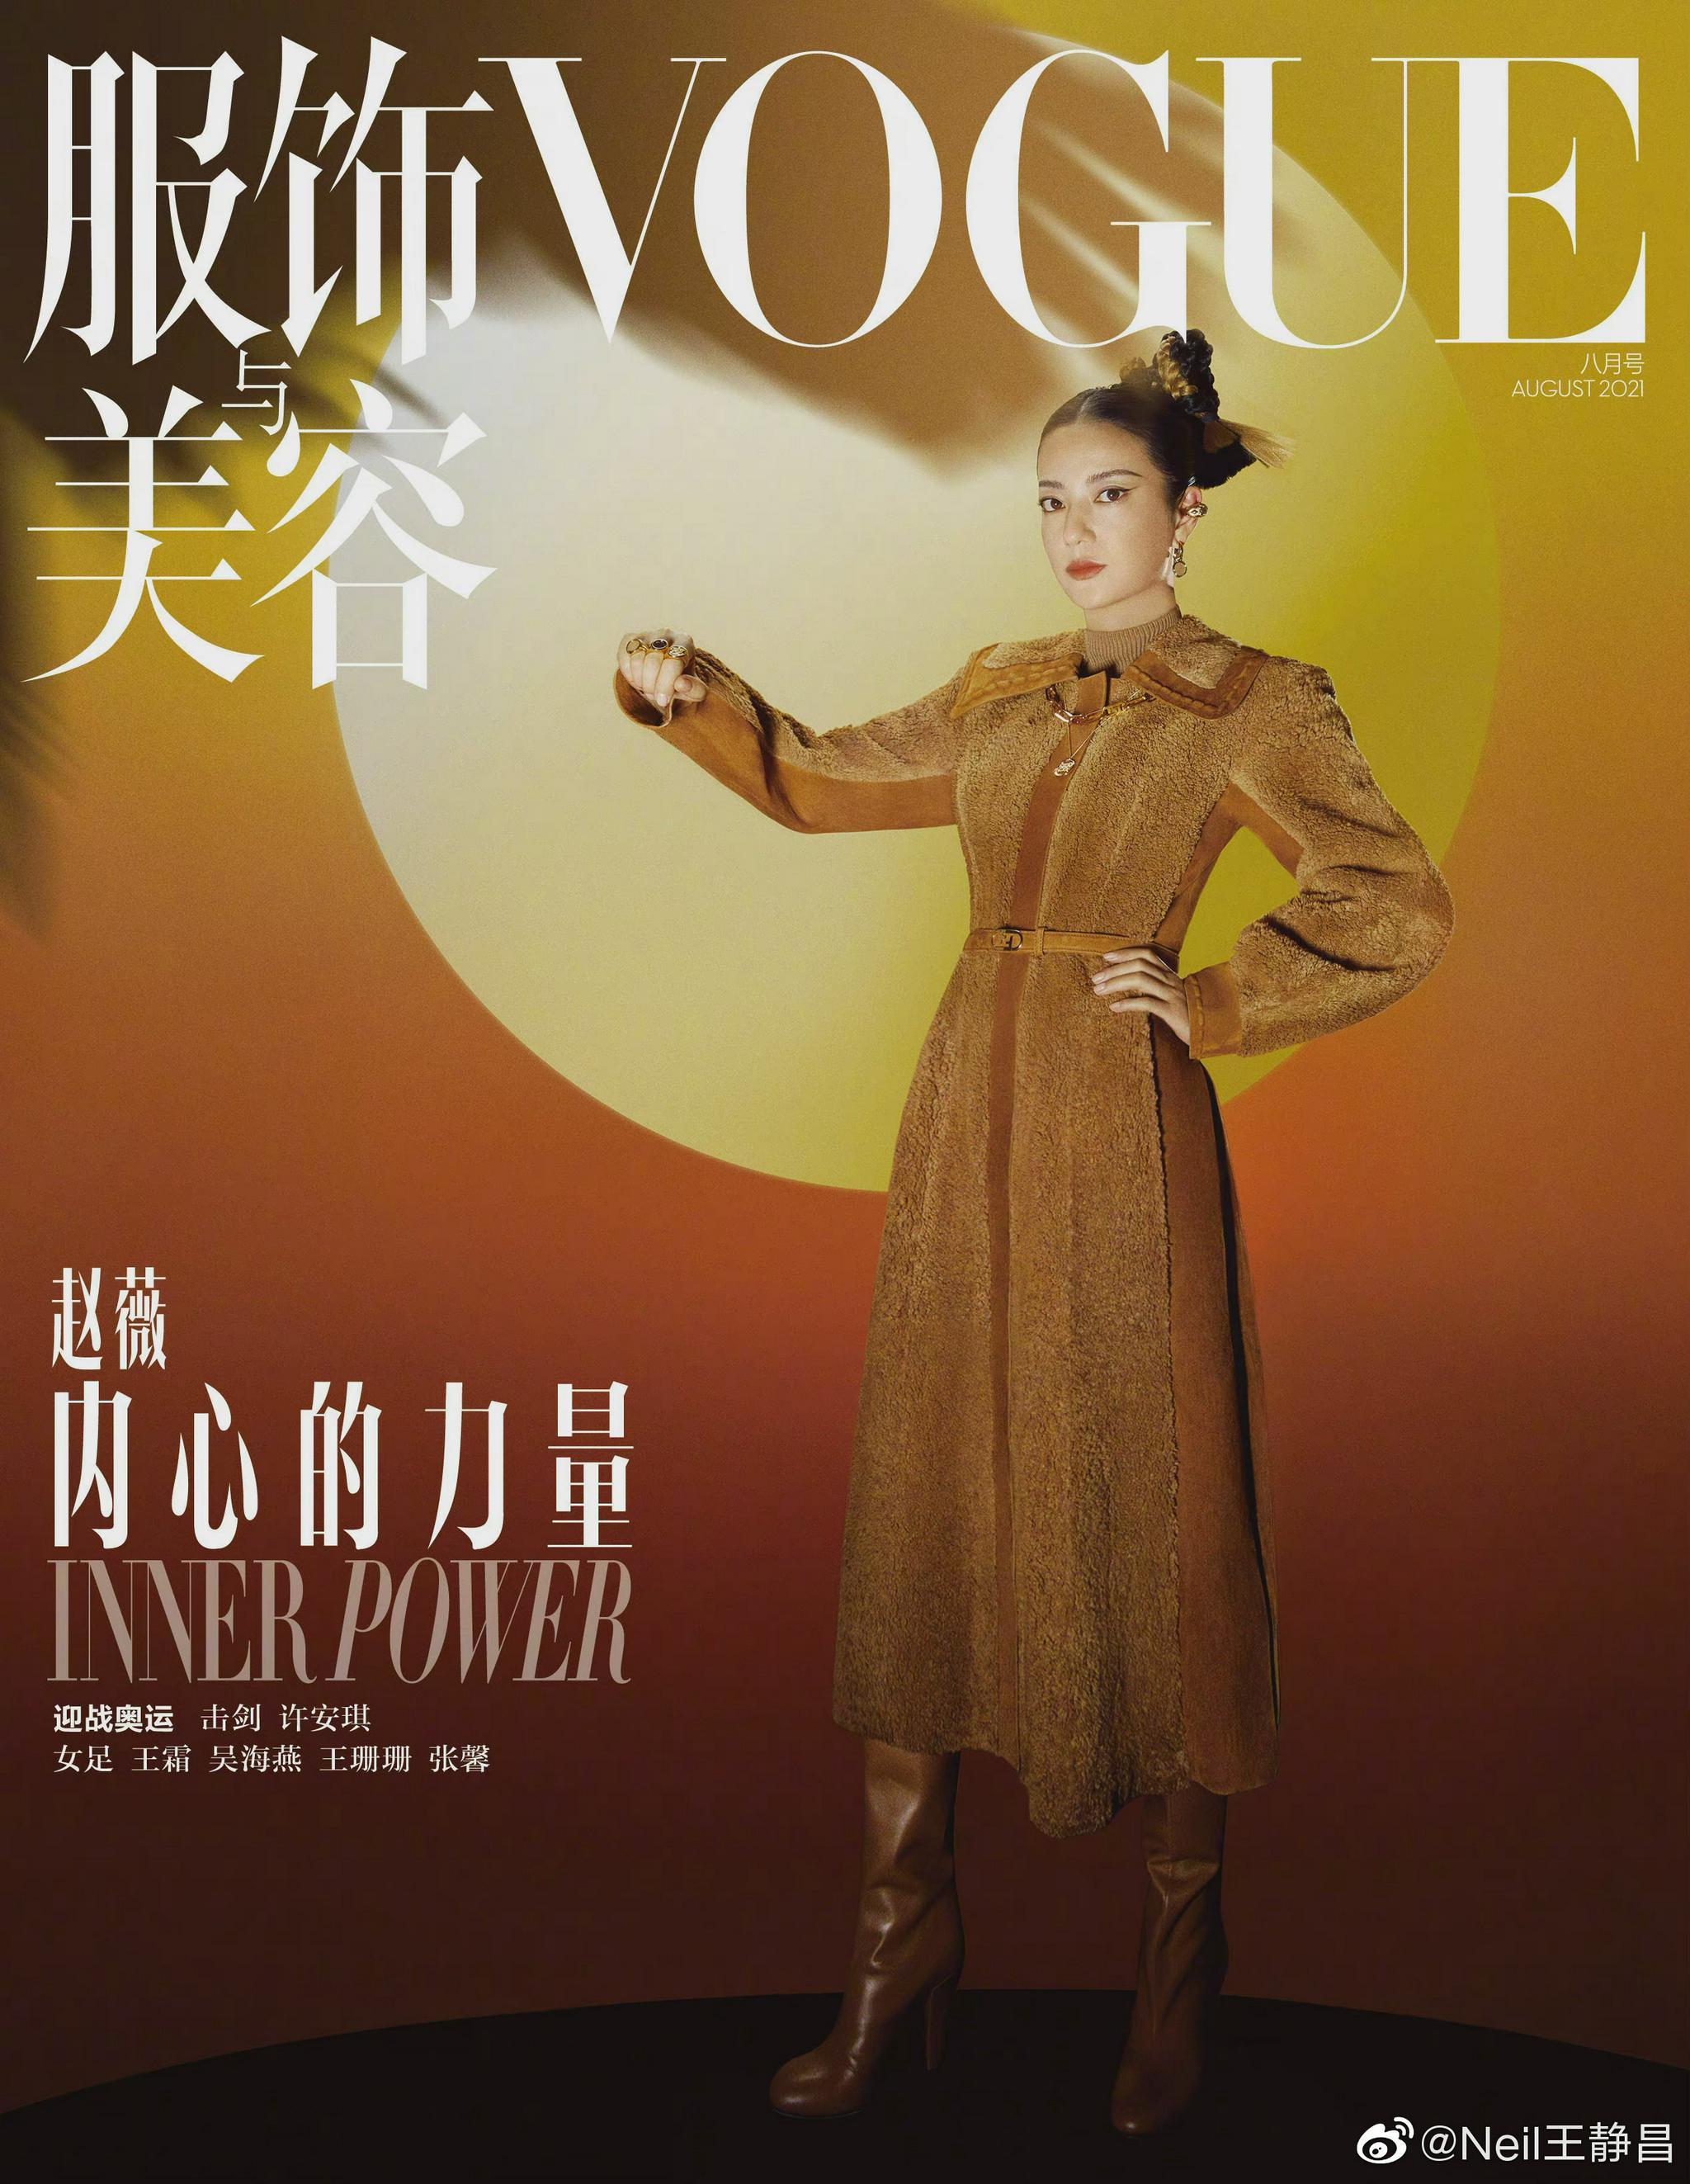 登上《Vogue服饰与美容》八月号封面,第四次登封了……